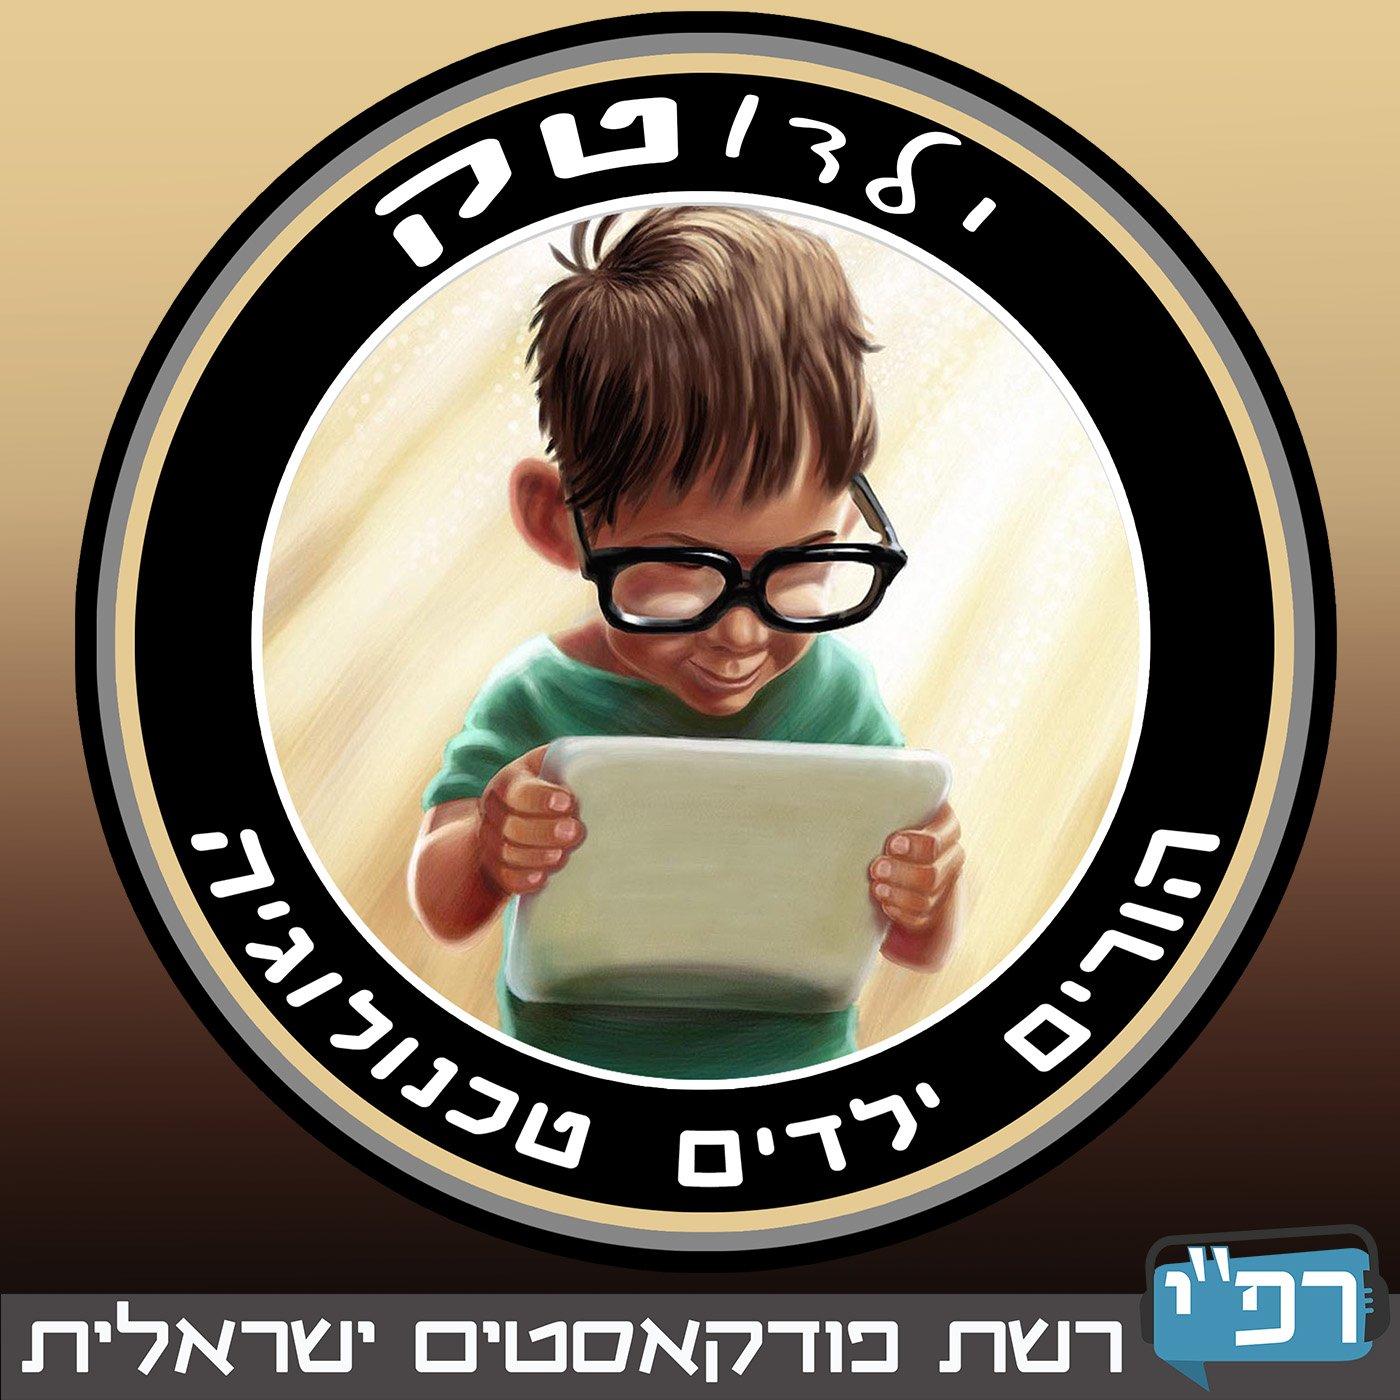 ילדוטק - הורים, ילדים, טכנולוגיה